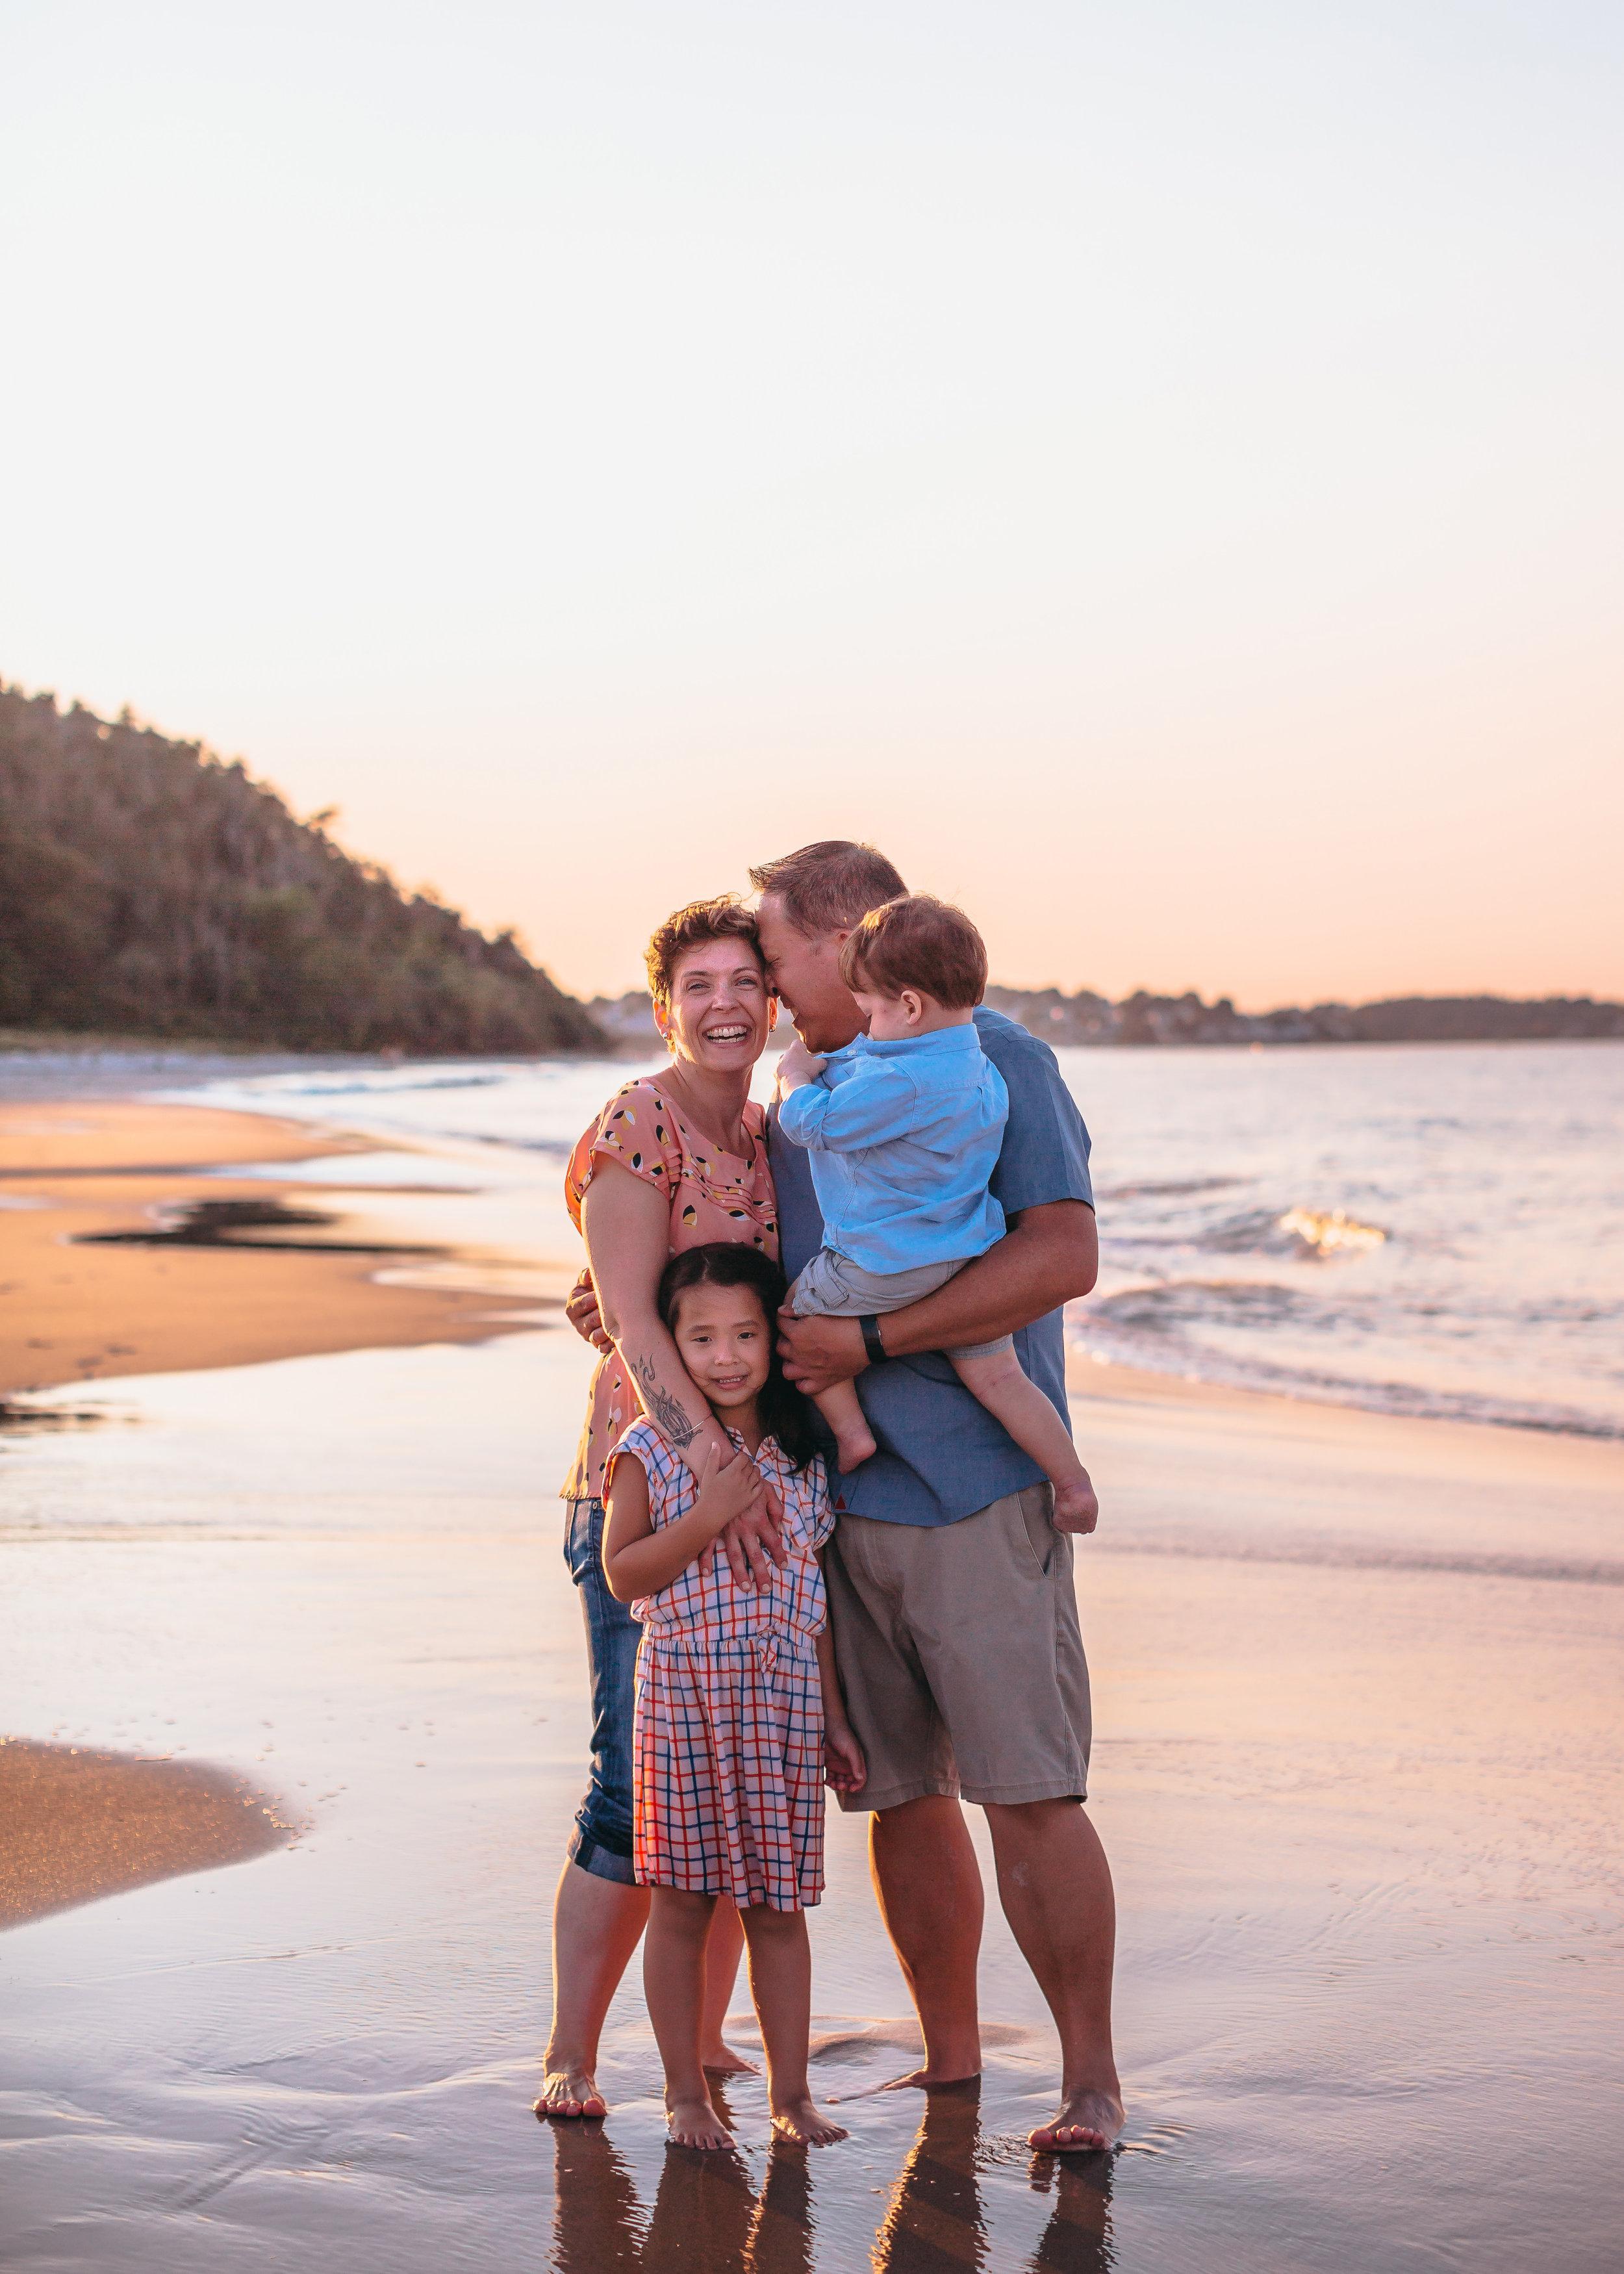 golden-hour-beach-family-photos-boston-family-photographer-joy-leduc.jpg